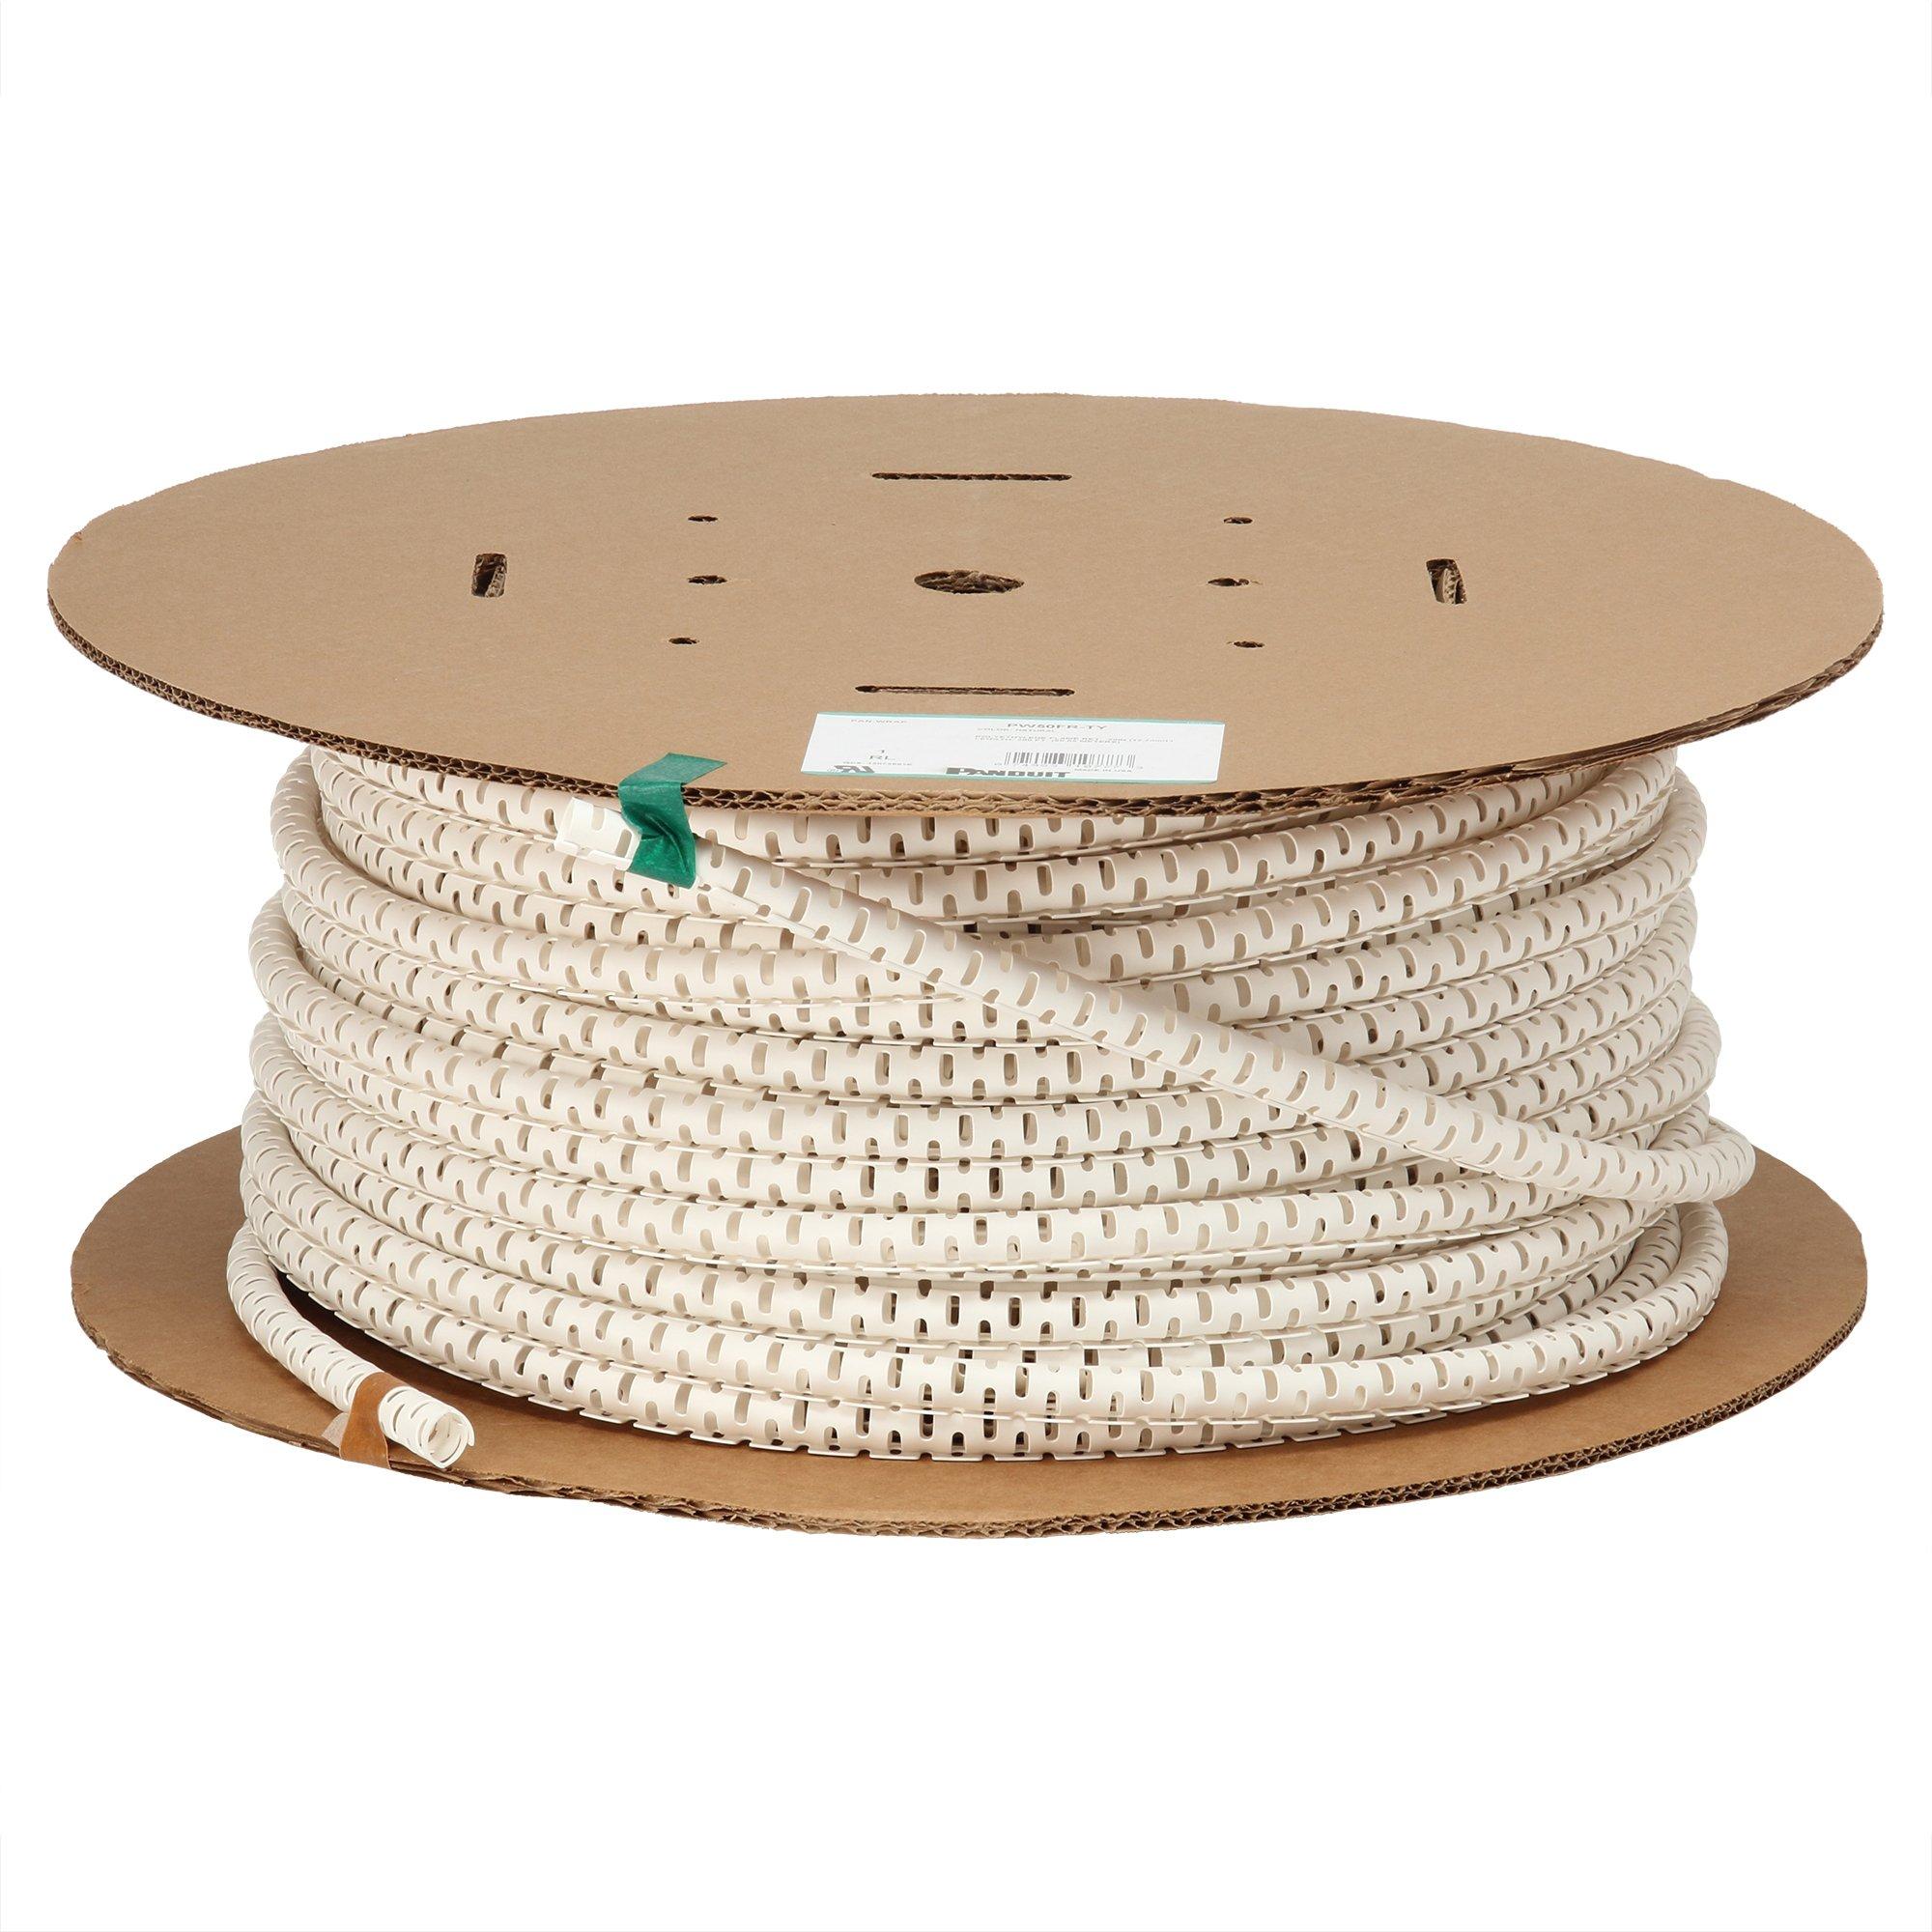 Panduit PW75FR-CY Pan-Wrap Split Harness Wrap, Flame Retardant, Polyethylene, 0.75-Inch by 100-Foot, Natural